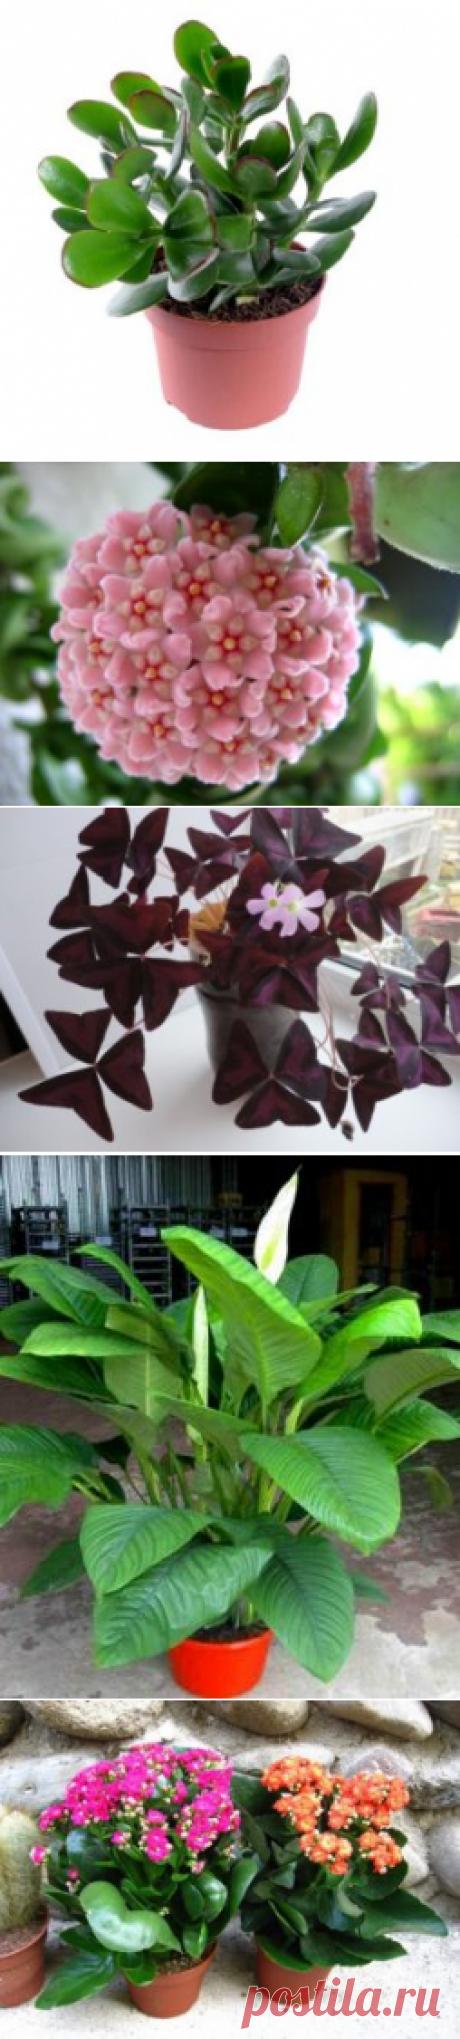 Комнатные растения неприхотливые